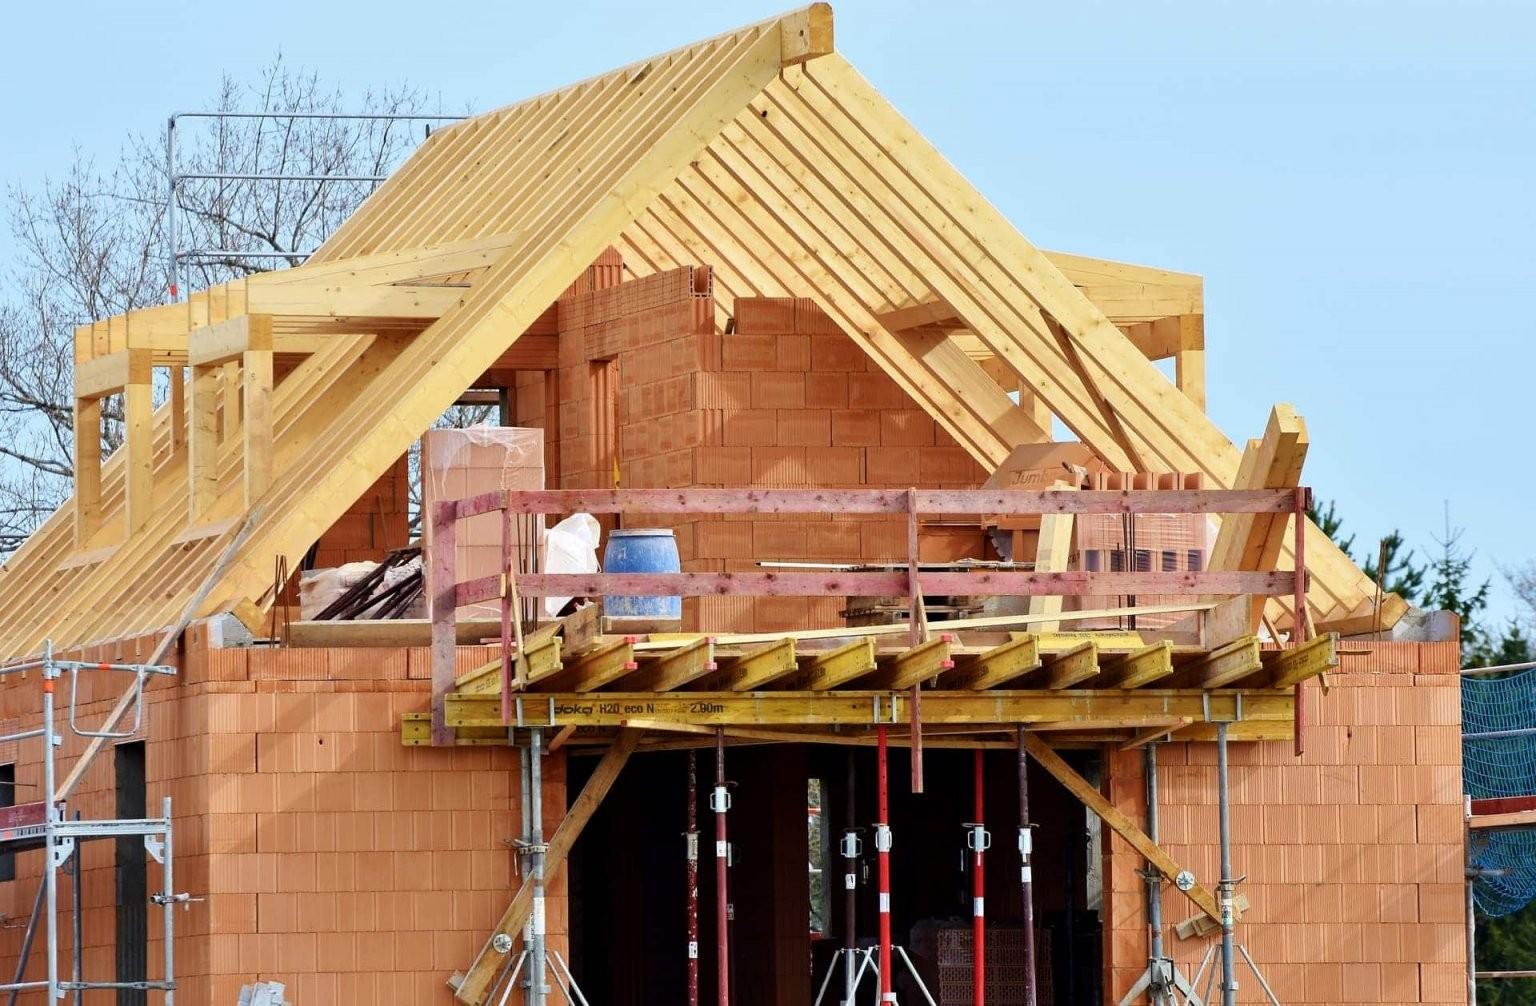 Haus Bauen Tipps Zum Hausbau Von Der Planung Bis Zum Einzug von Wie Plane Ich Ein Haus Bild